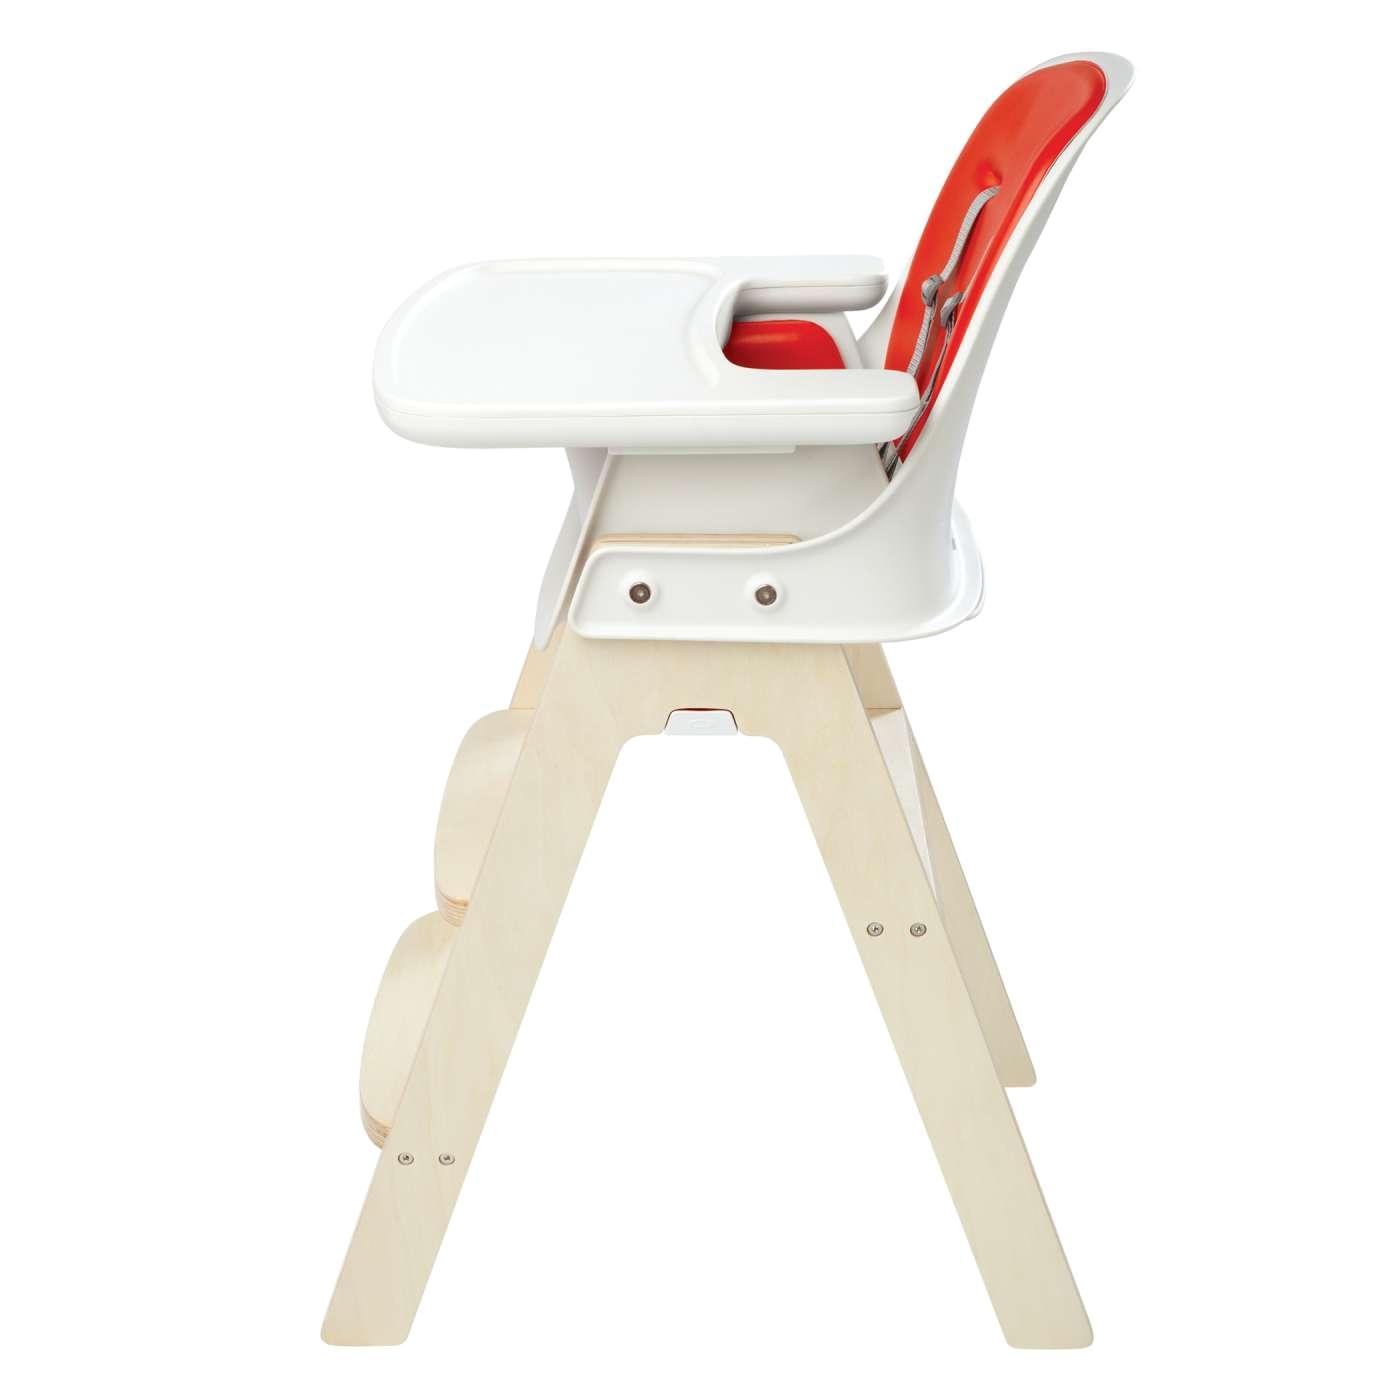 tot 6309200 3a rt oxo tot sprouttm chair orangebirch jpg